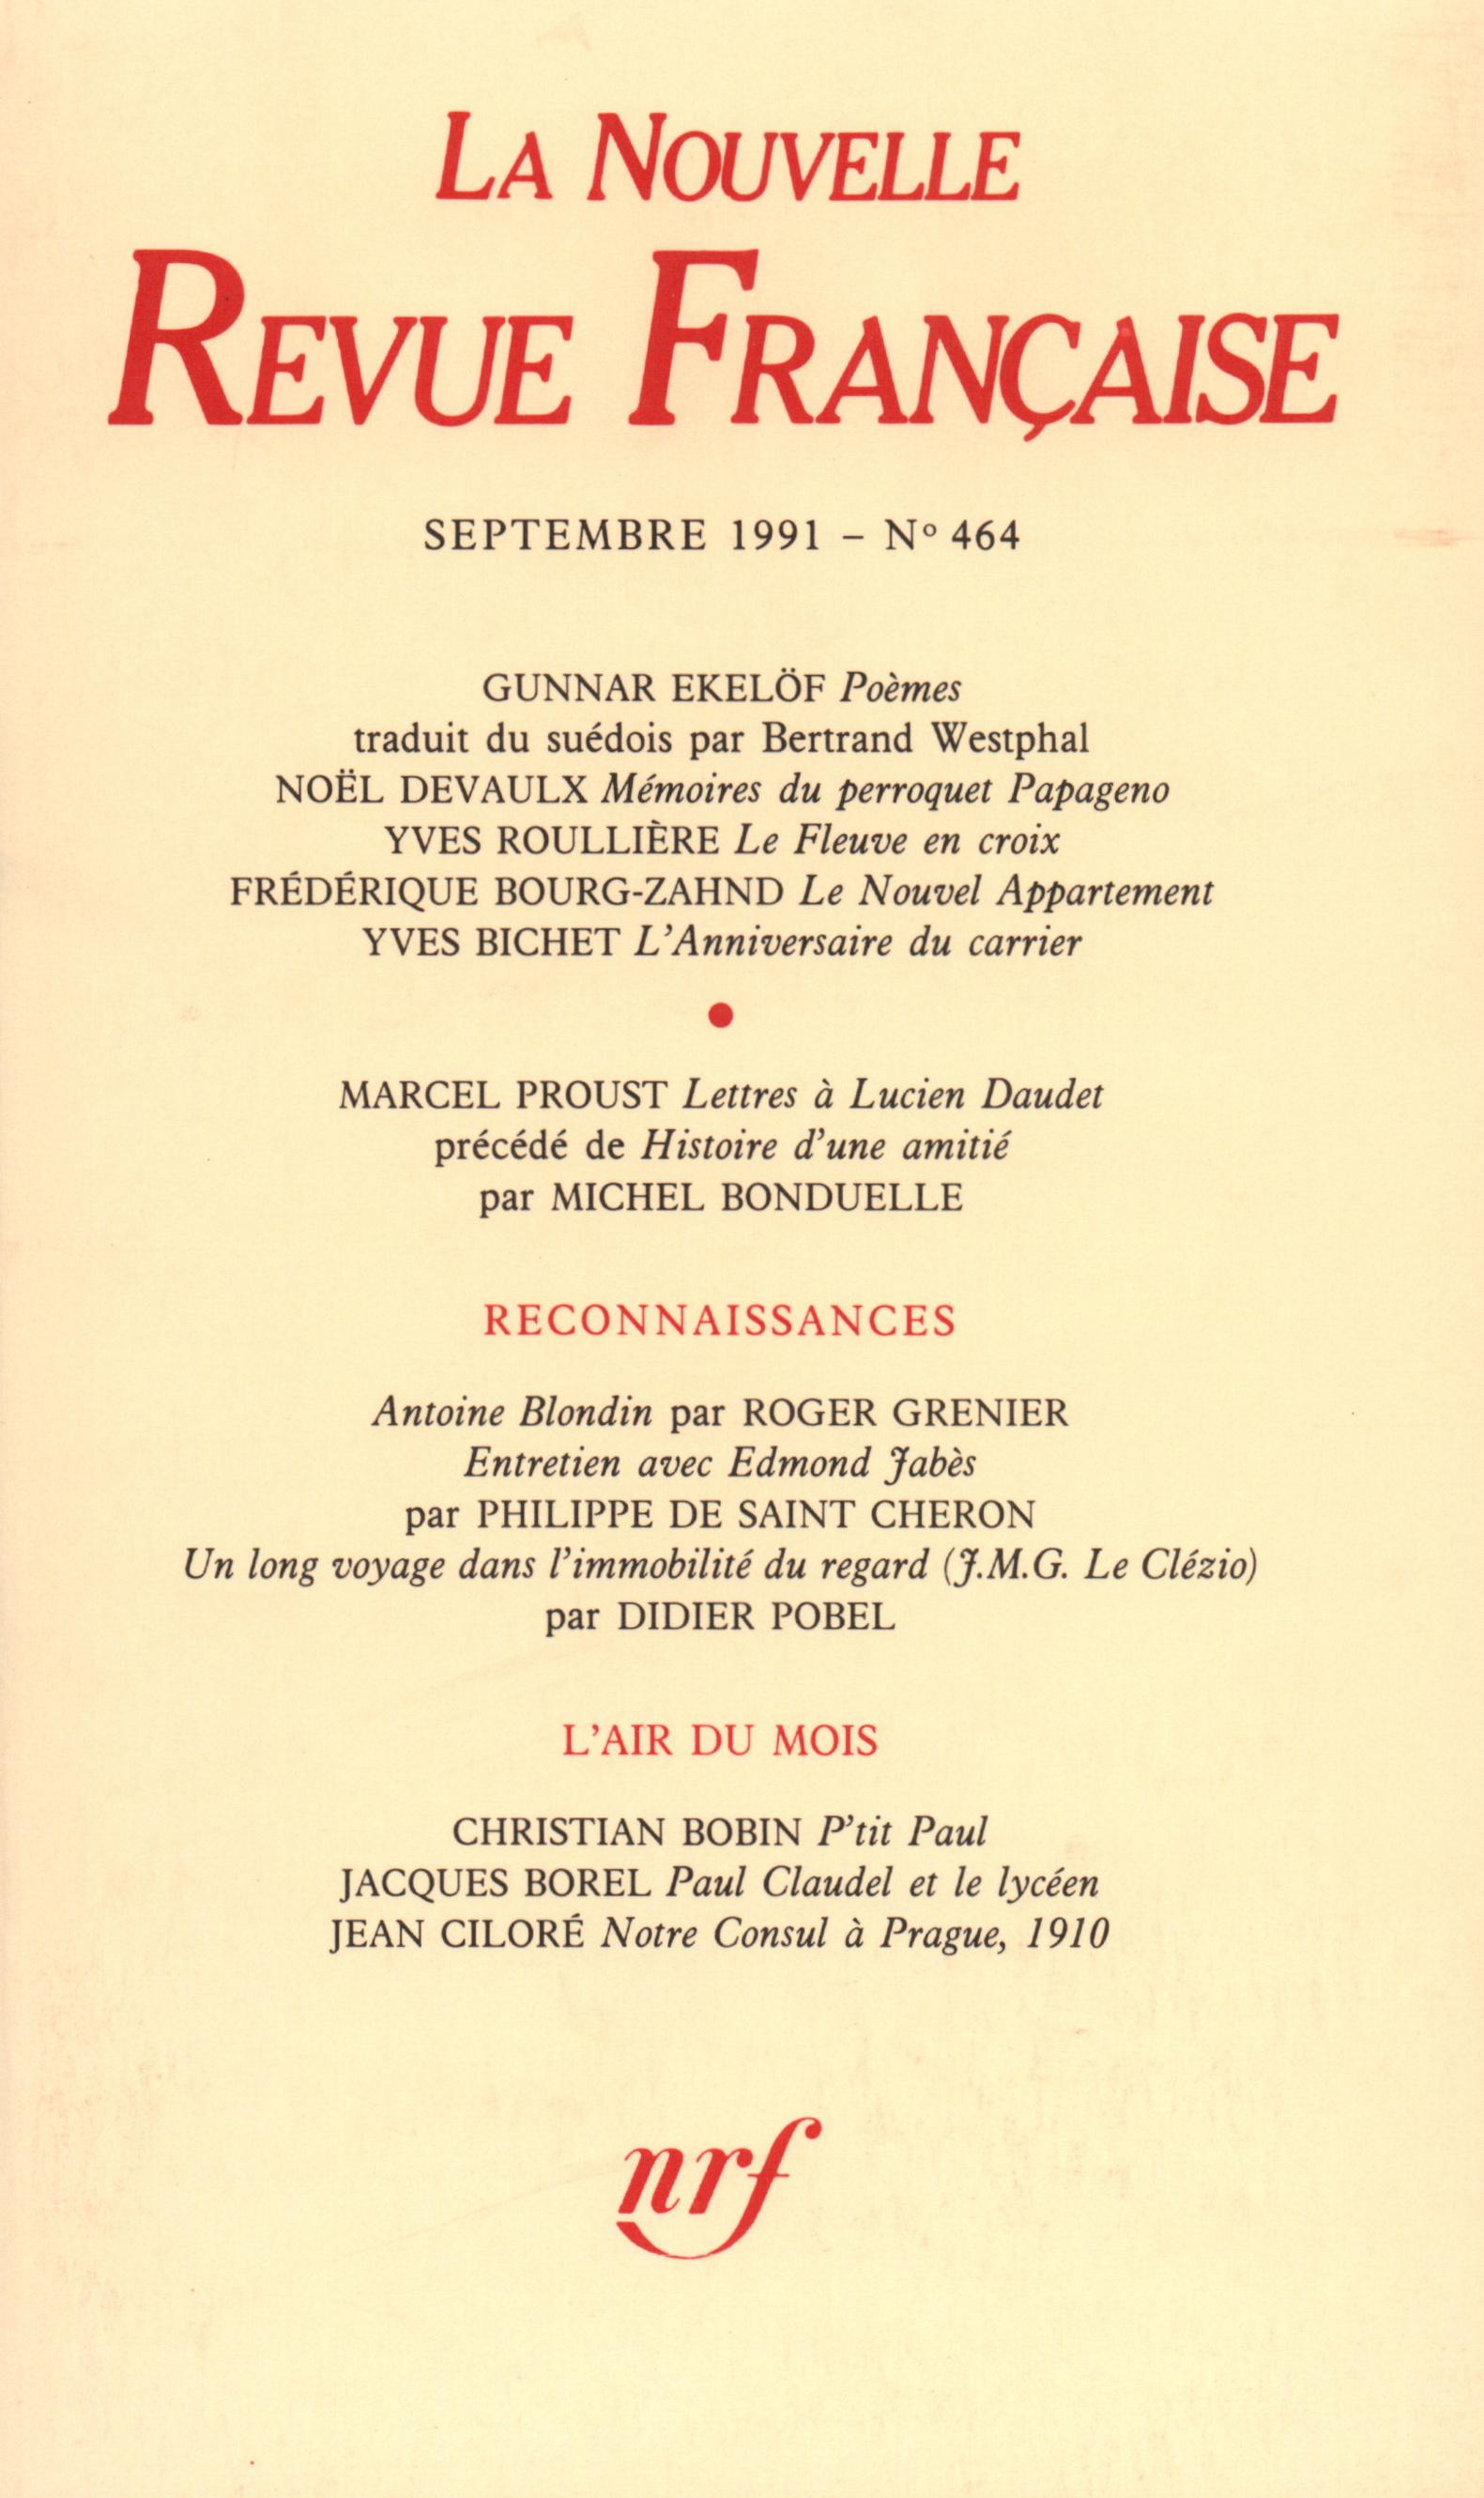 La Nouvelle Revue Française N° 464